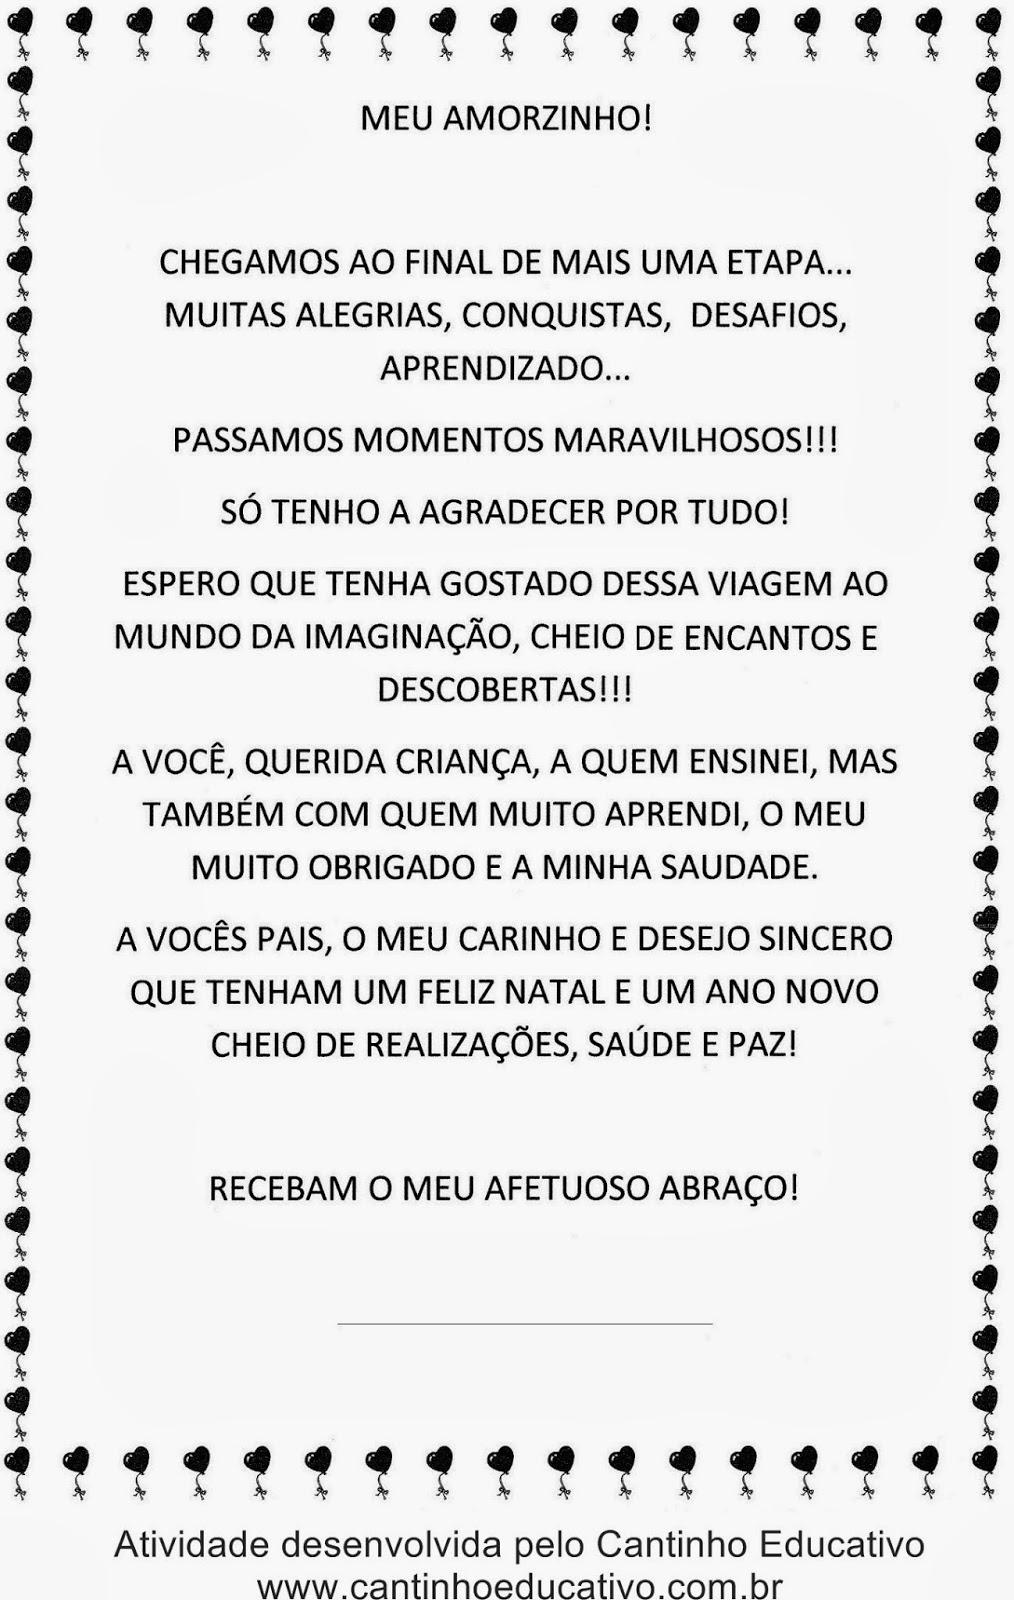 Amado MENSAGENS PARA O FINAL DO ANO LETIVO - CANTINHO EDUCATIVO IU58